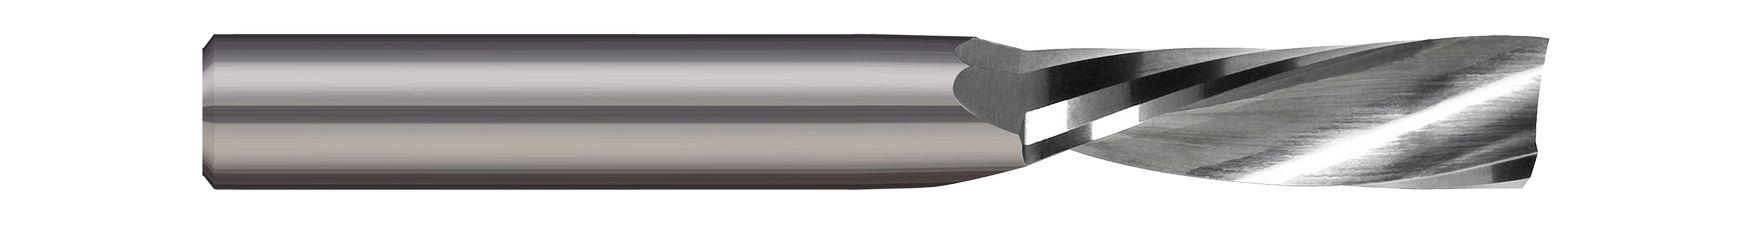 End Mills for Plastics & Composites - Single Flute - Router - Downcut